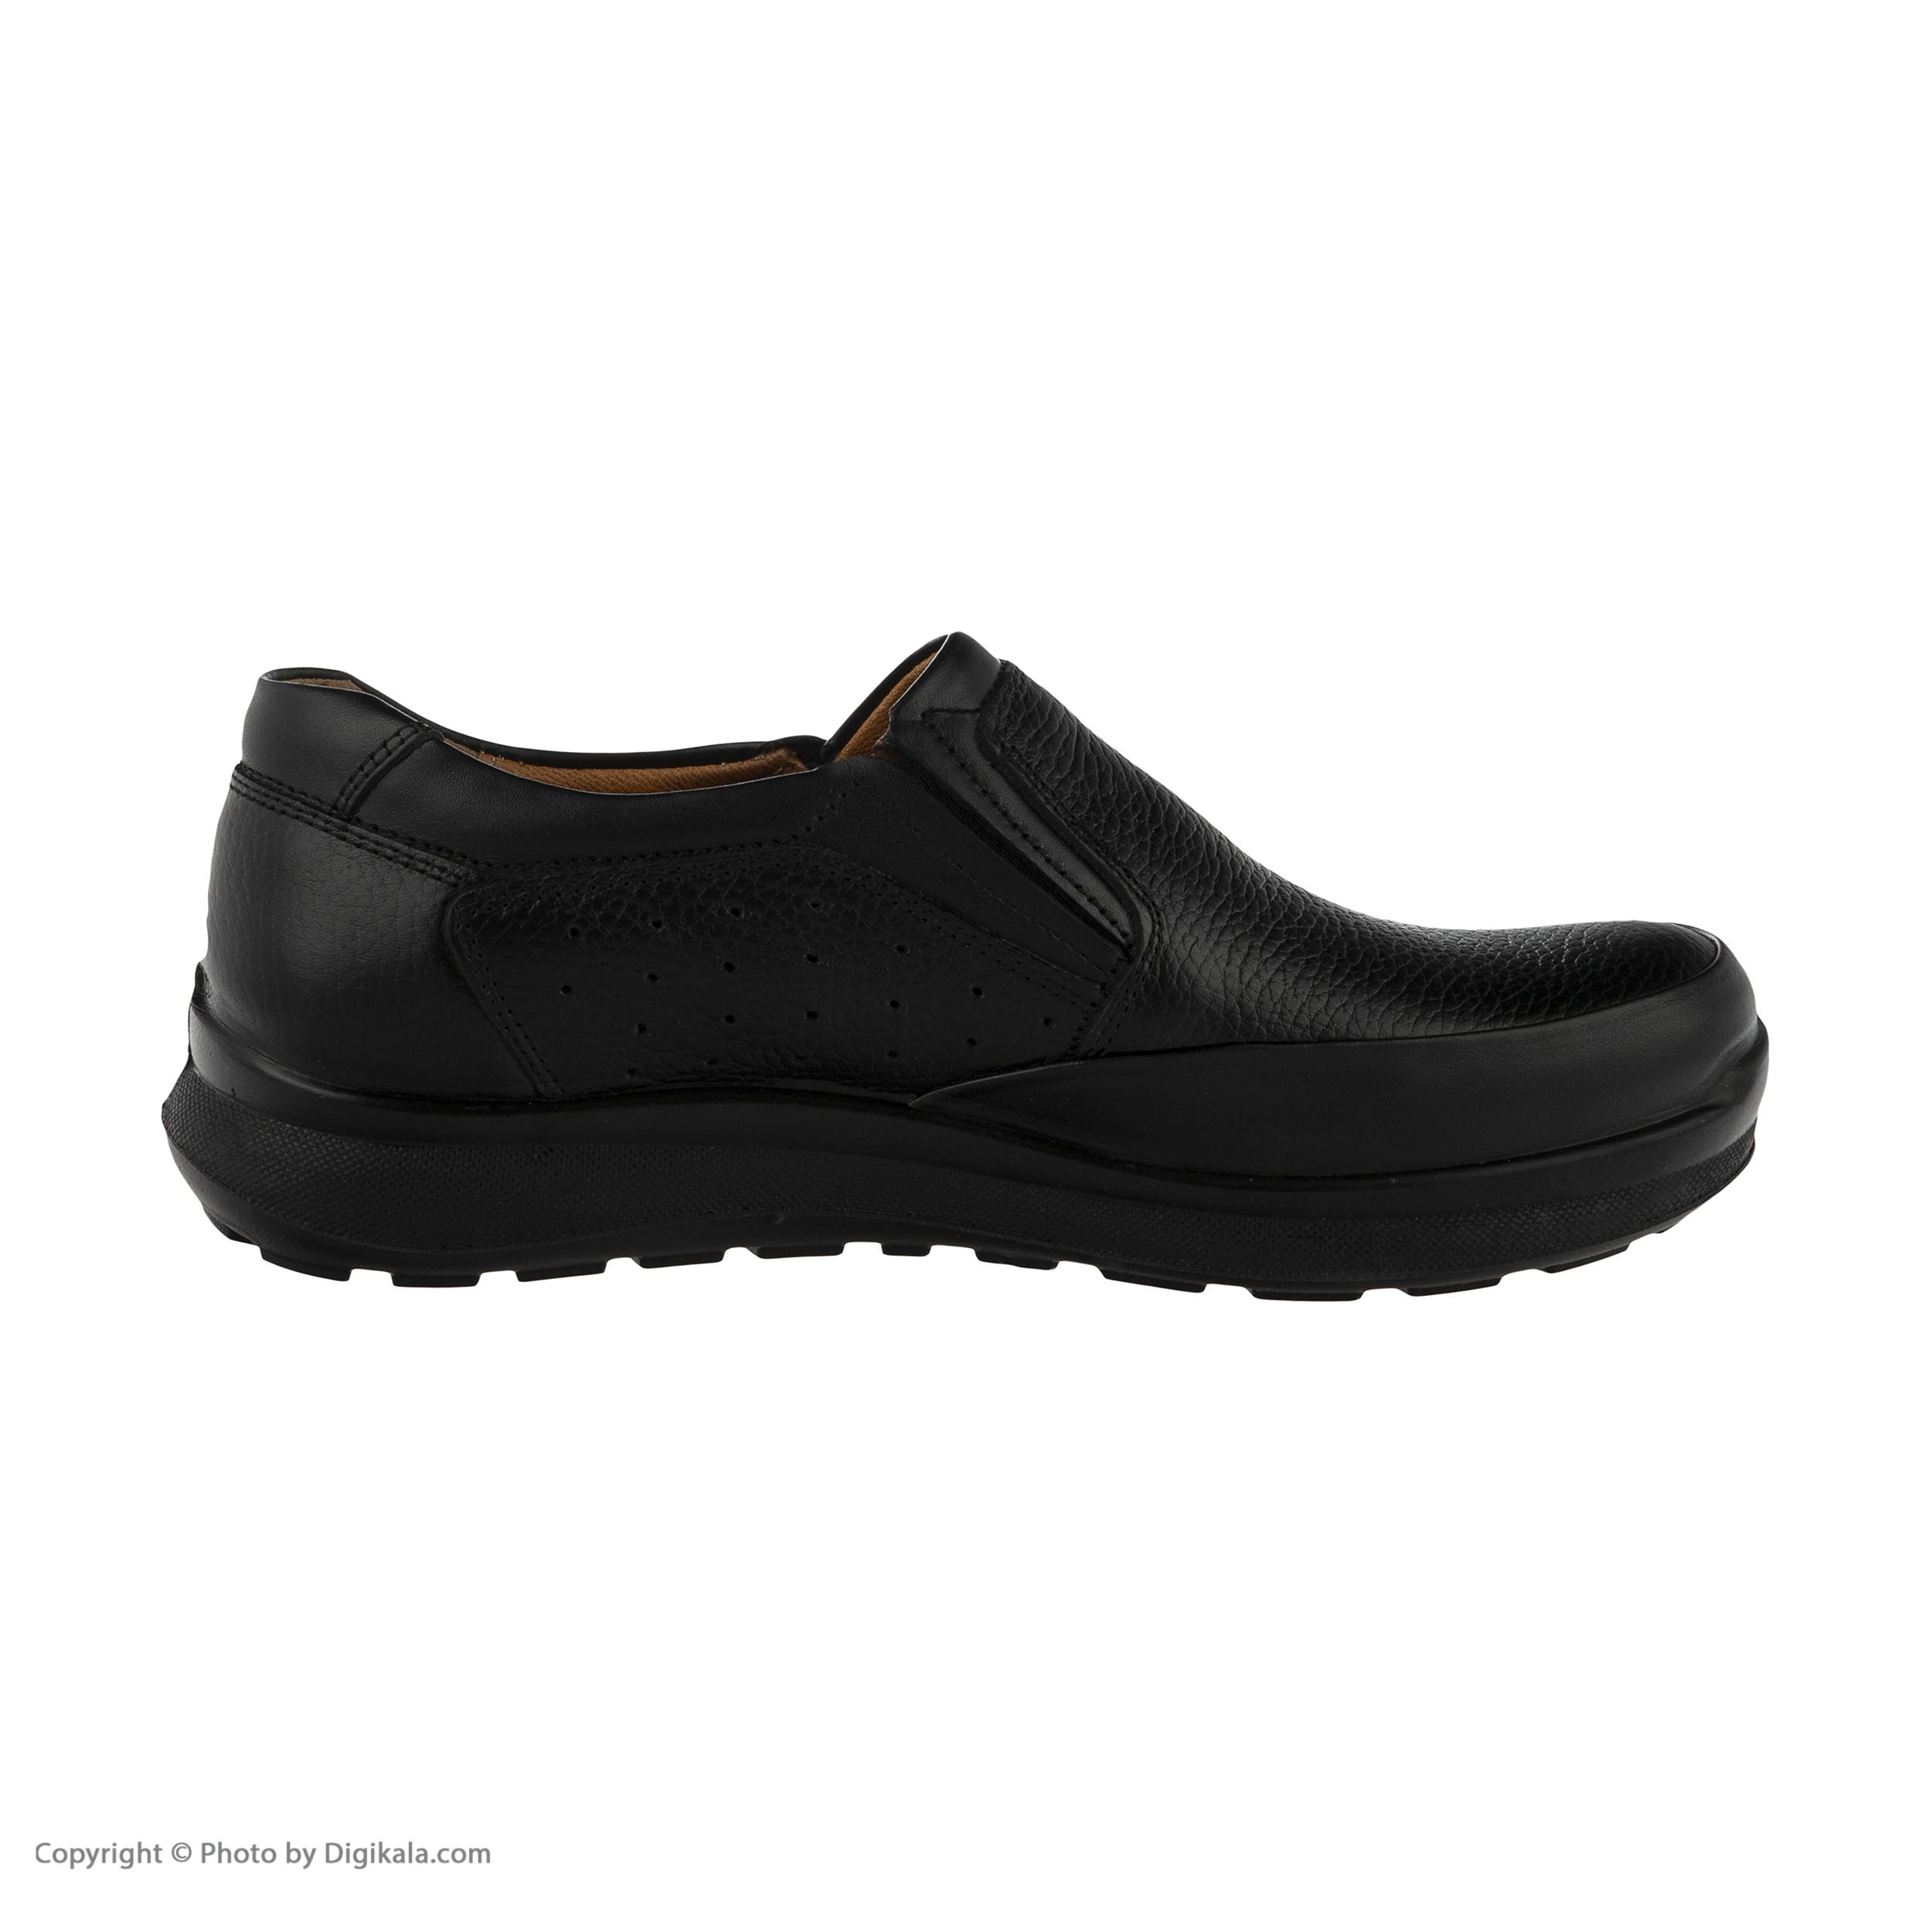 کفش روزمره مردانه سوته مدل 5033A503101 -  - 4